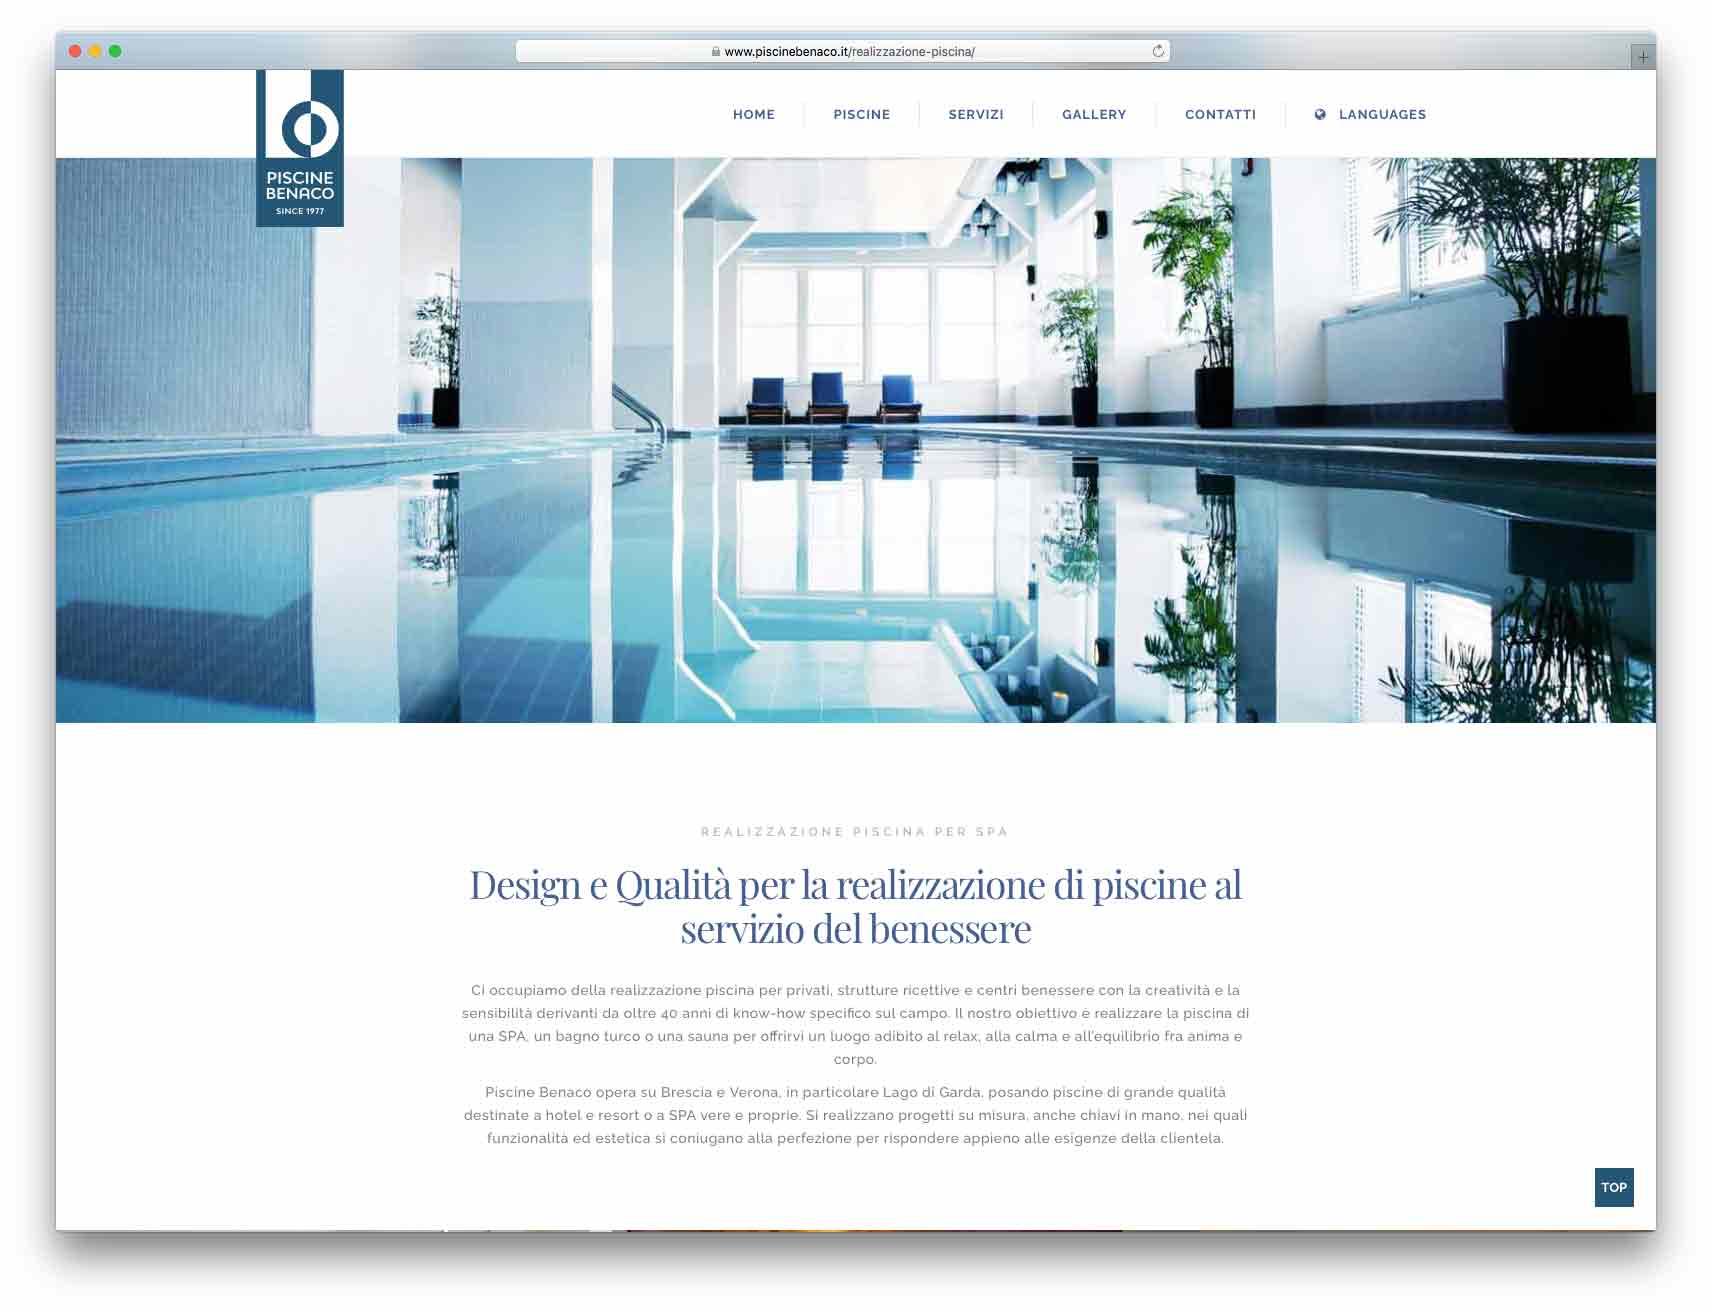 creazione siti web brescia - Agenzia P - sito web Piscine Benaco